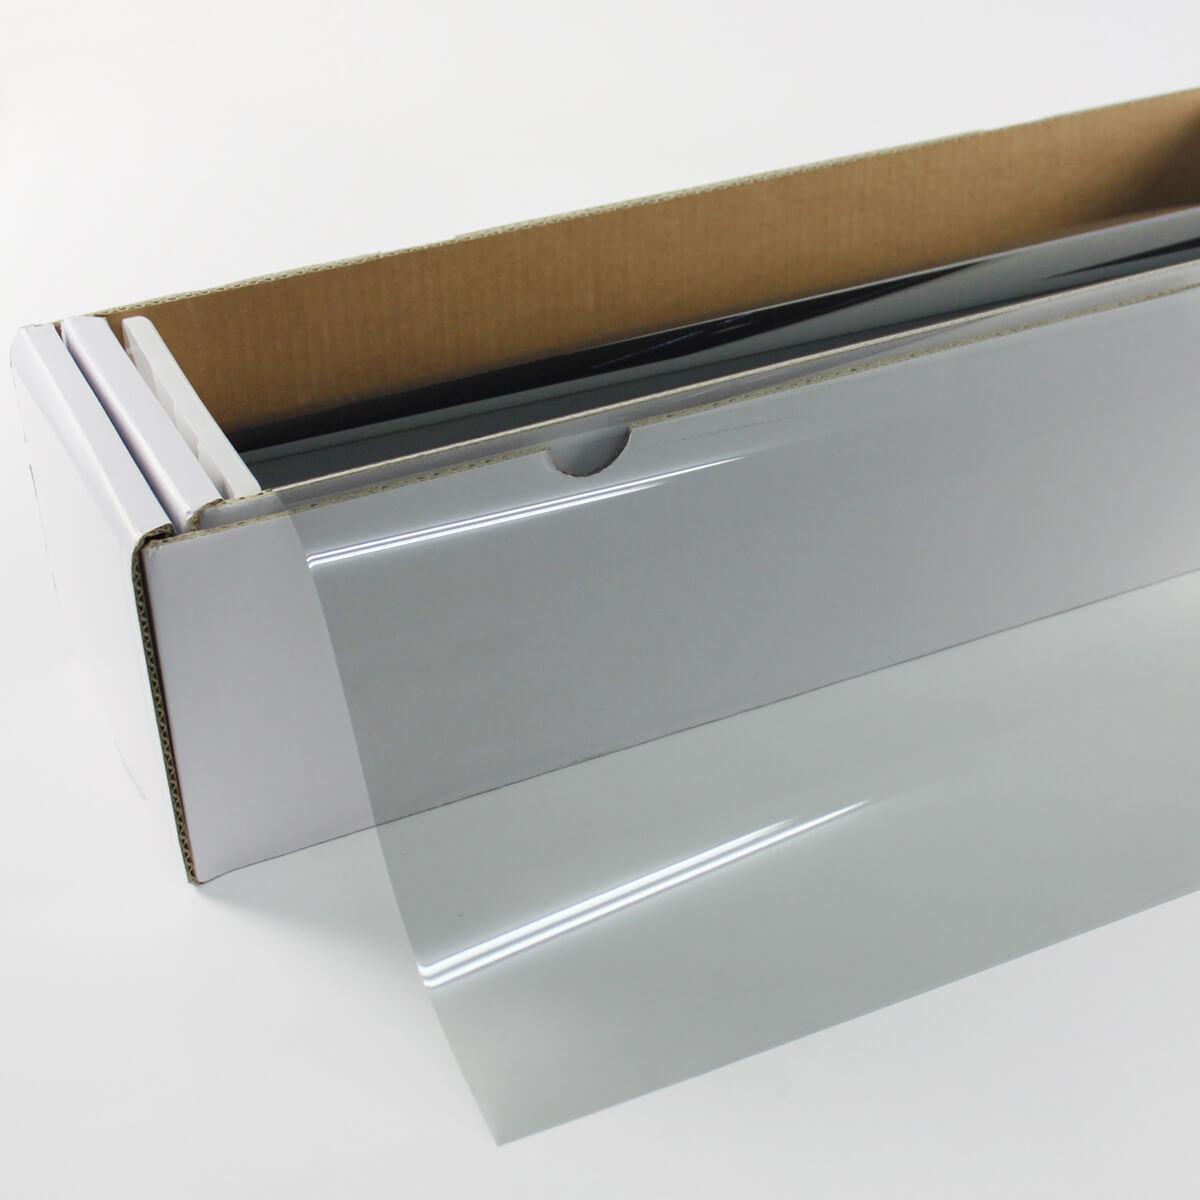 ウィンドウフィルム 窓ガラスフィルム スーパーUV400ニュートラル70(71%) 50cm幅×30mロール箱売 遮熱フィルム 断熱フィルム UVカットフィルム ブレインテック Braintec